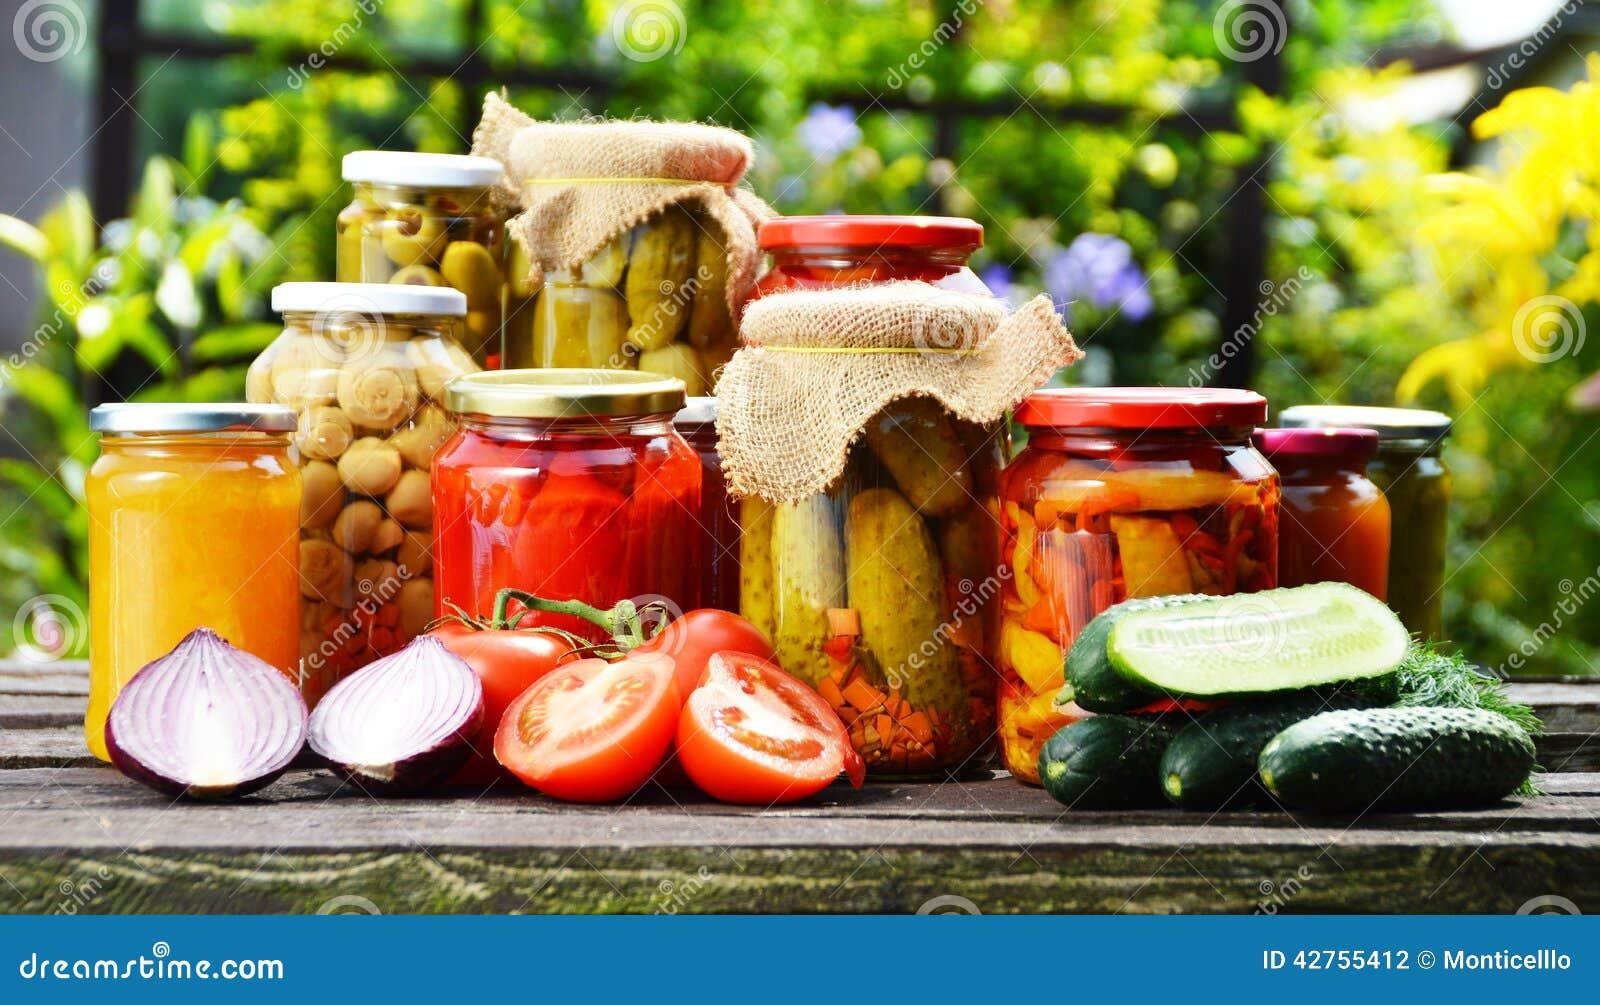 Frascos de vegetais conservados no jardim Alimento psto de conserva